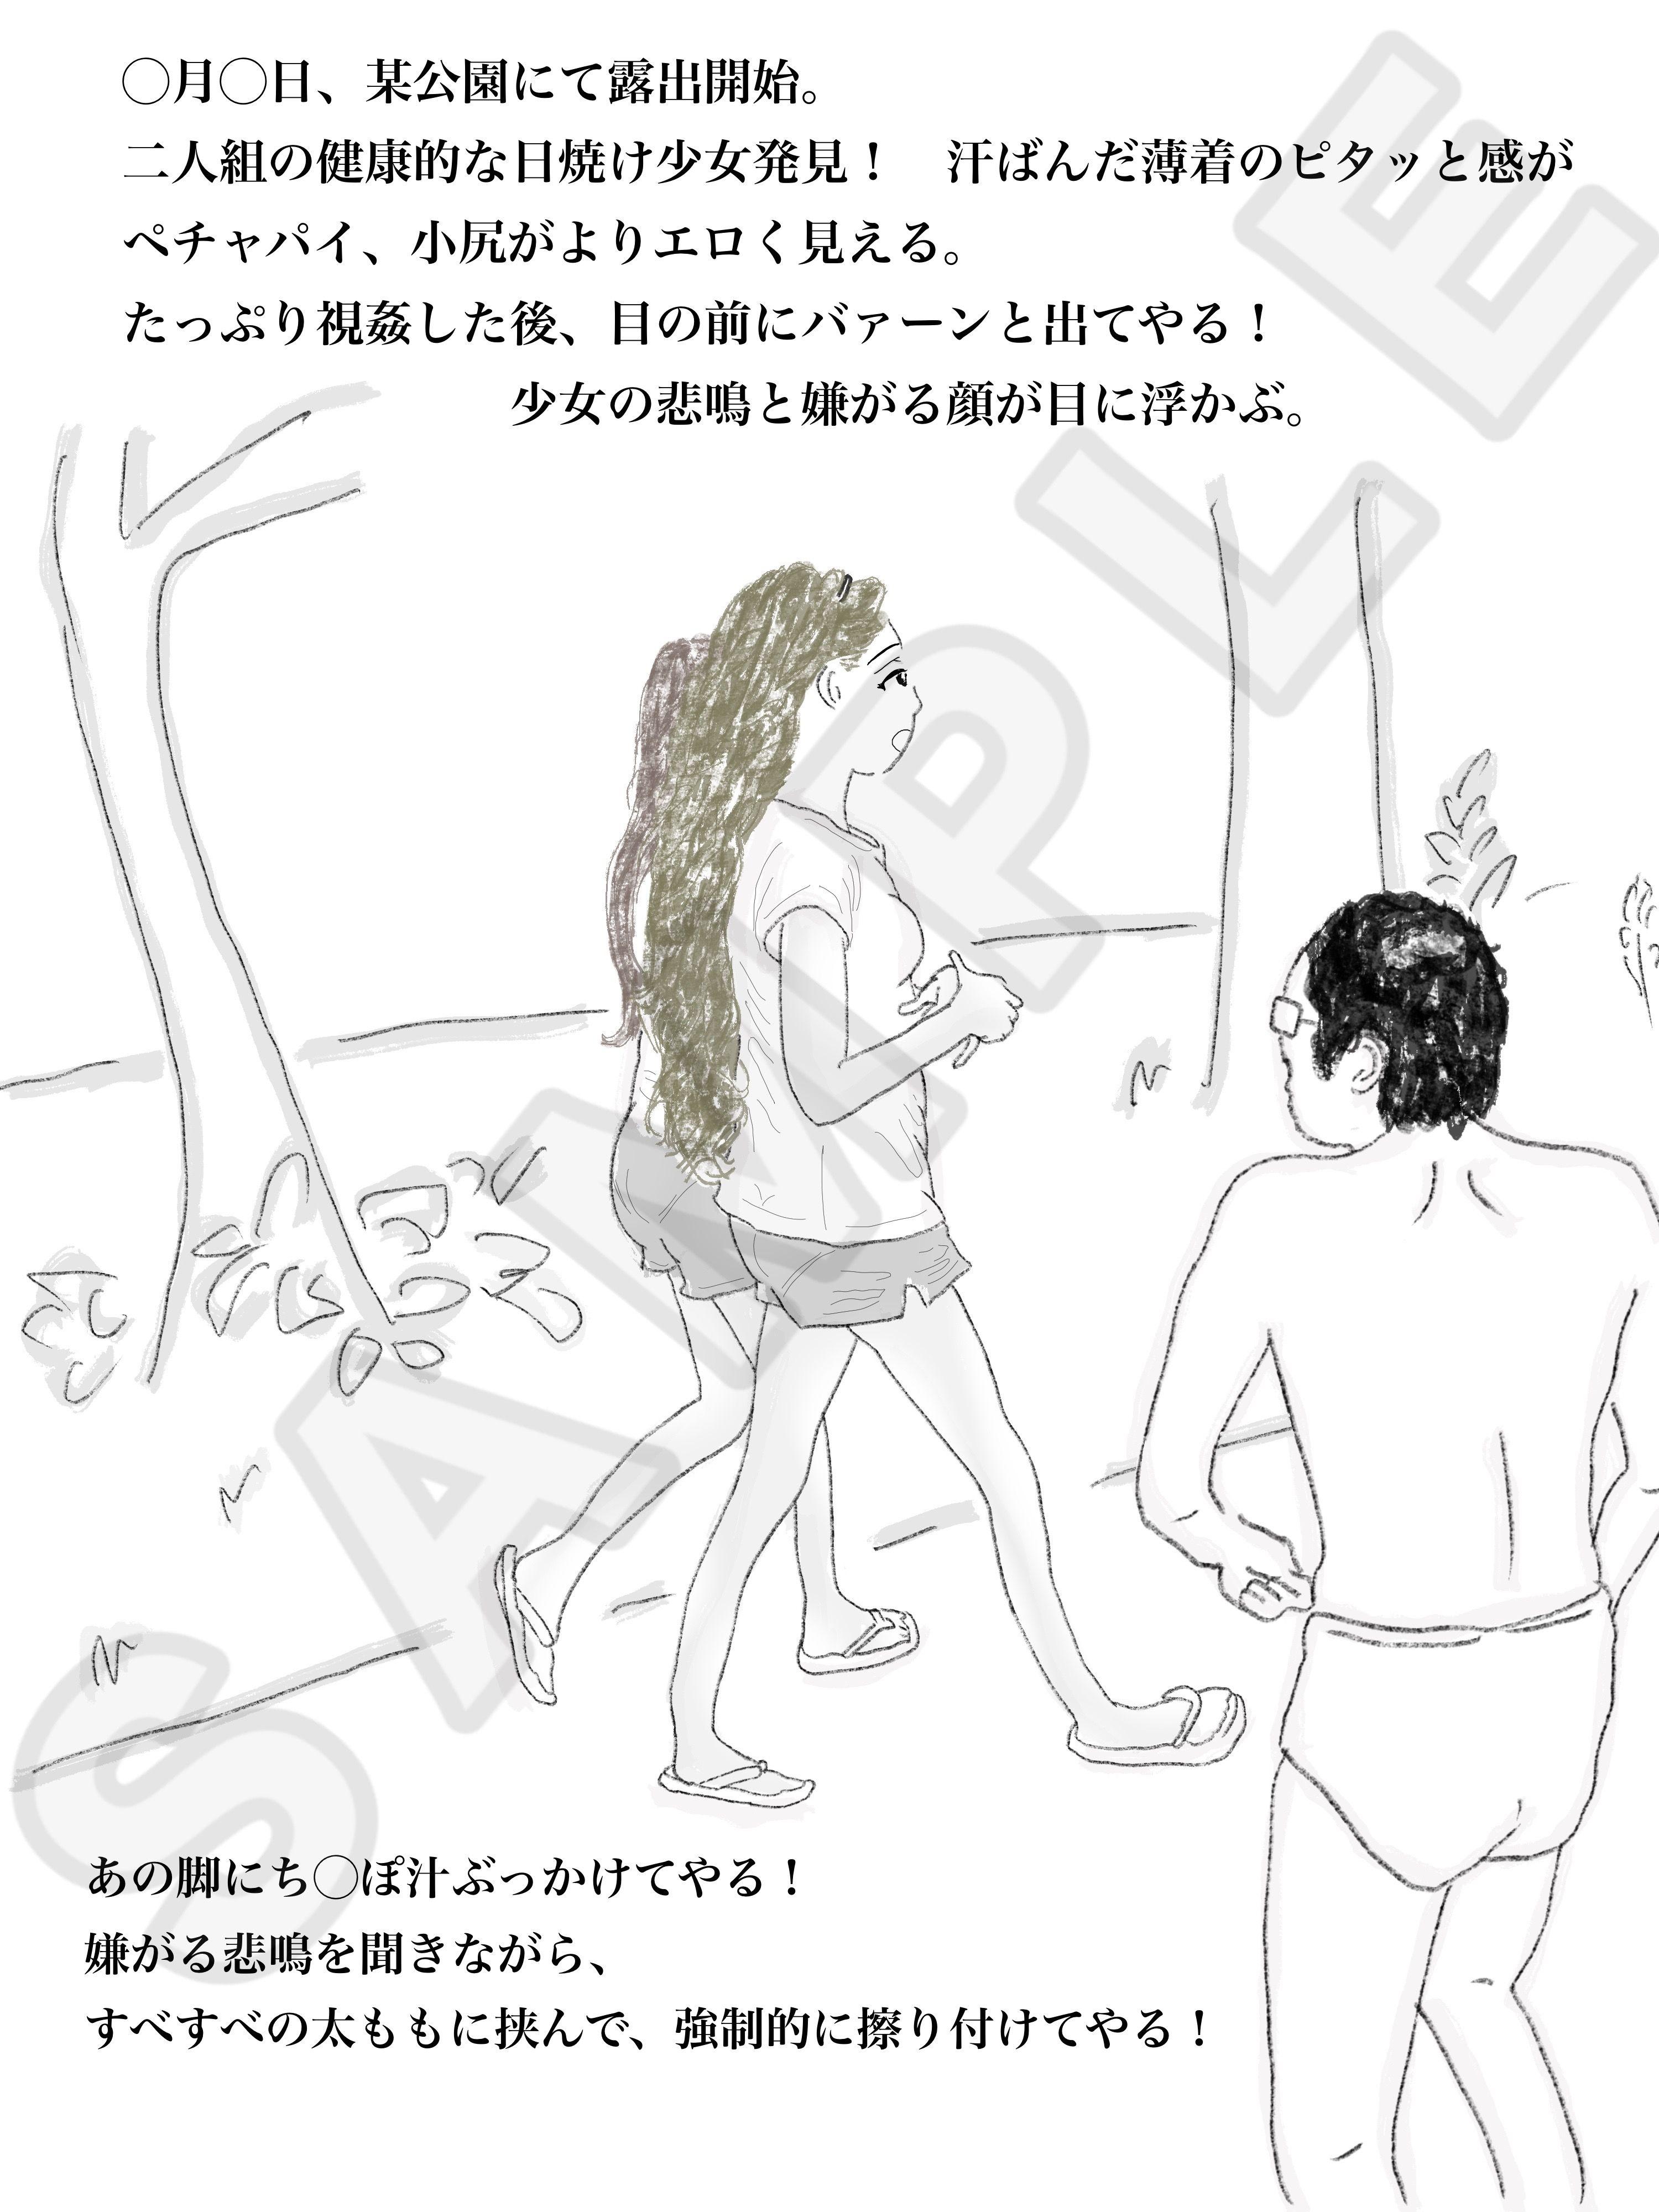 露出失敗!!露出狂変態おじさんの日記帳 5人娘